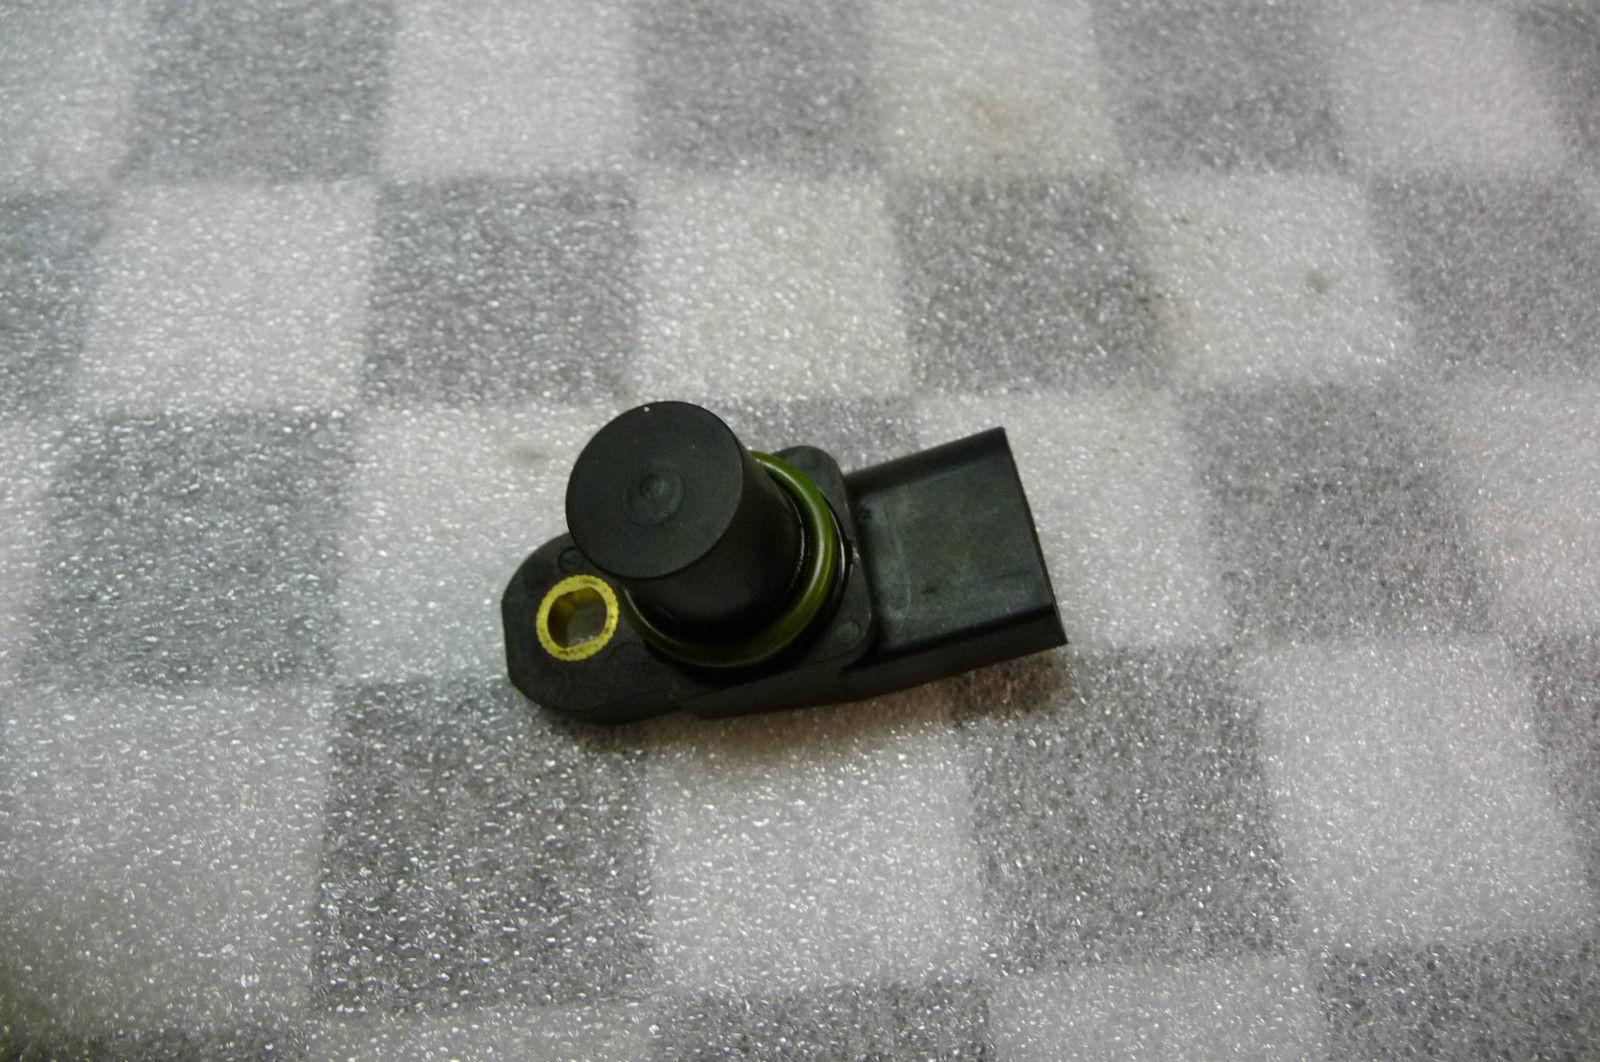 BMW 335d X5 Diesel Cylinder Head Camshaft Pulse Generator 13627792256 OEM OE